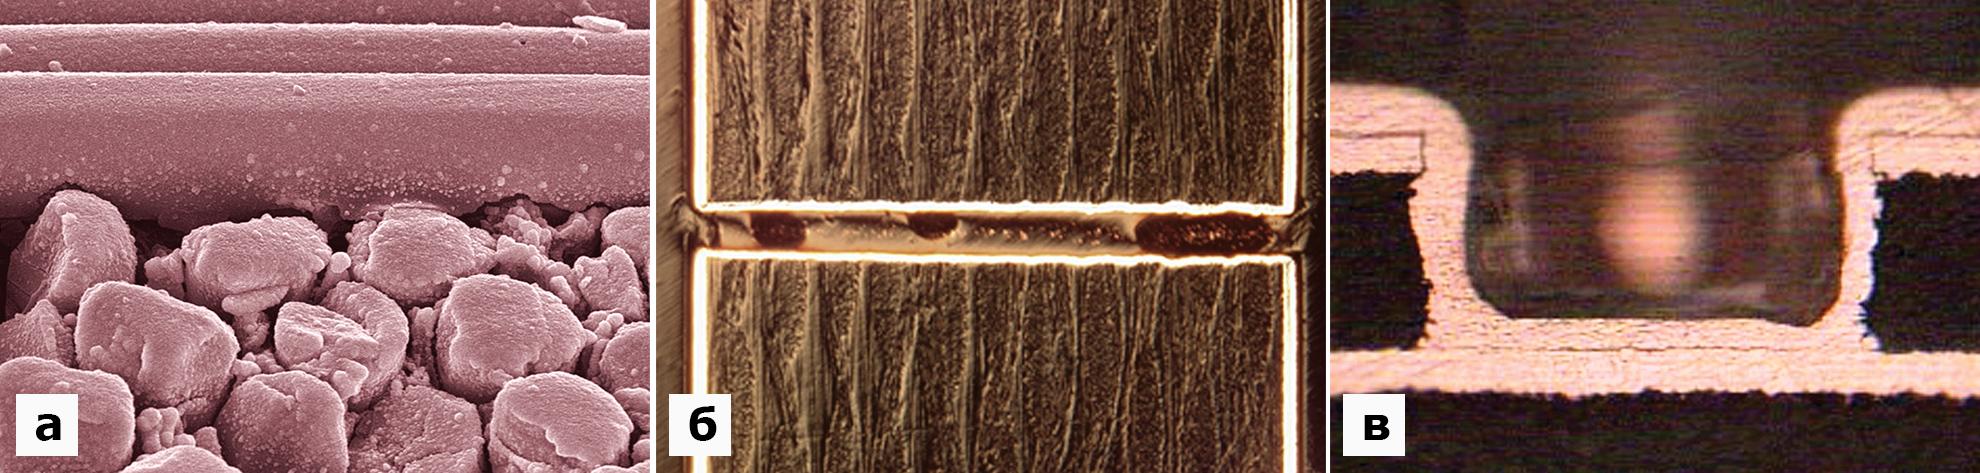 Химическое меднение: структура слоя химической меди; высокое отношение толщины ПП к диаметру отверстия— химическое меднение; отверстие после лазерного сверления— химическое меднение